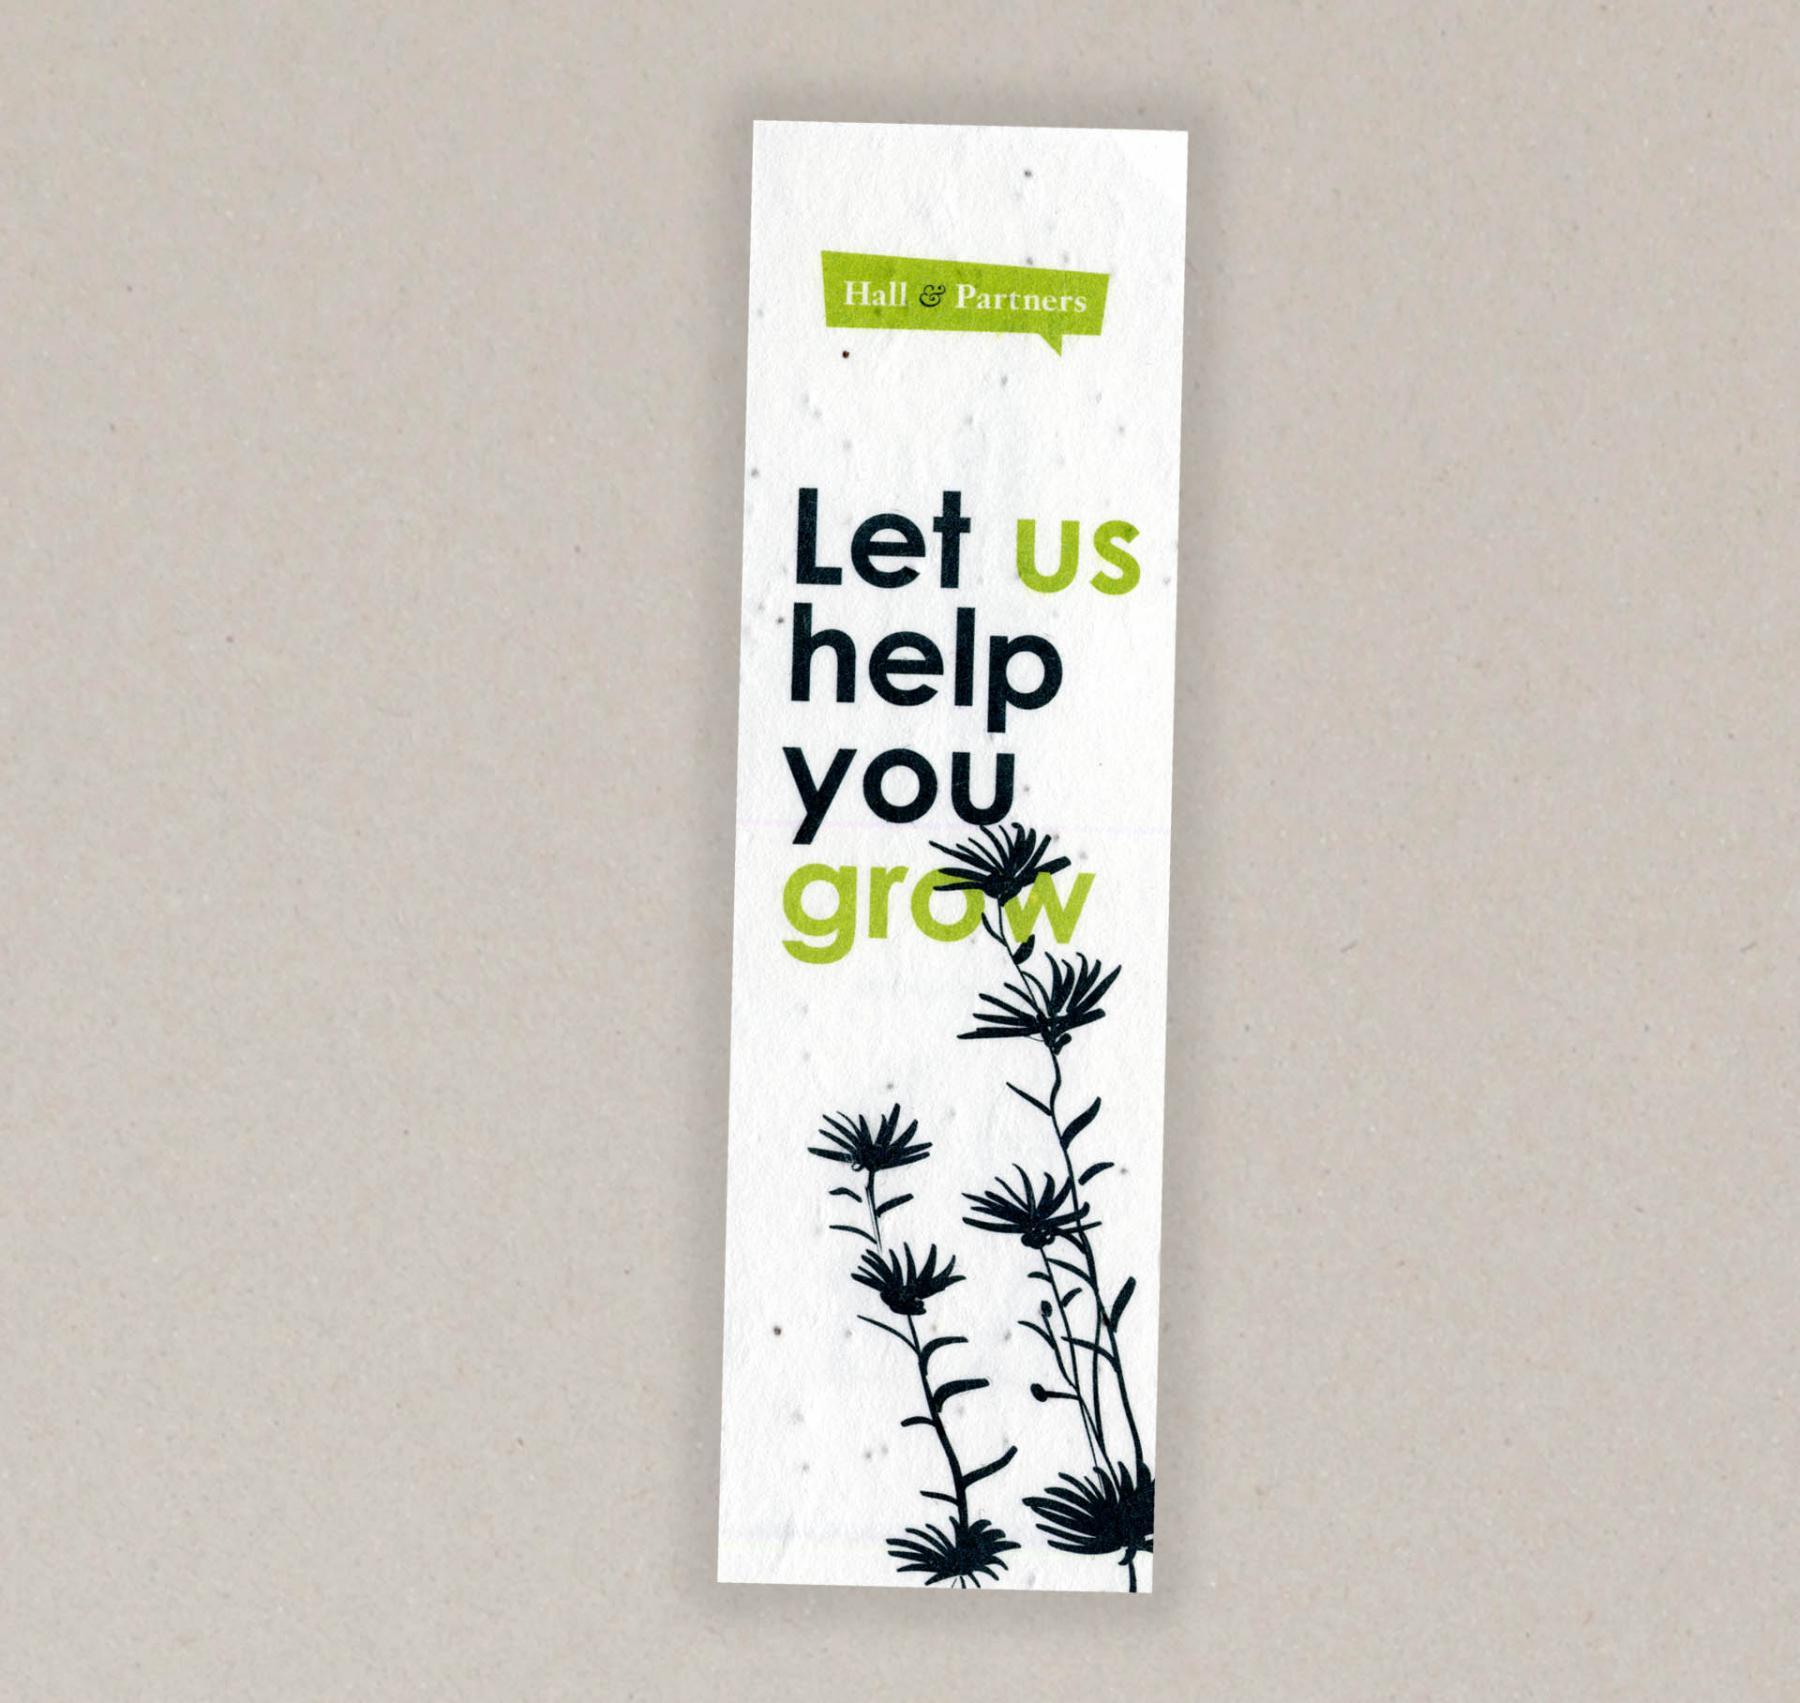 Papel con semillas para el  Hall & Partners - cara A